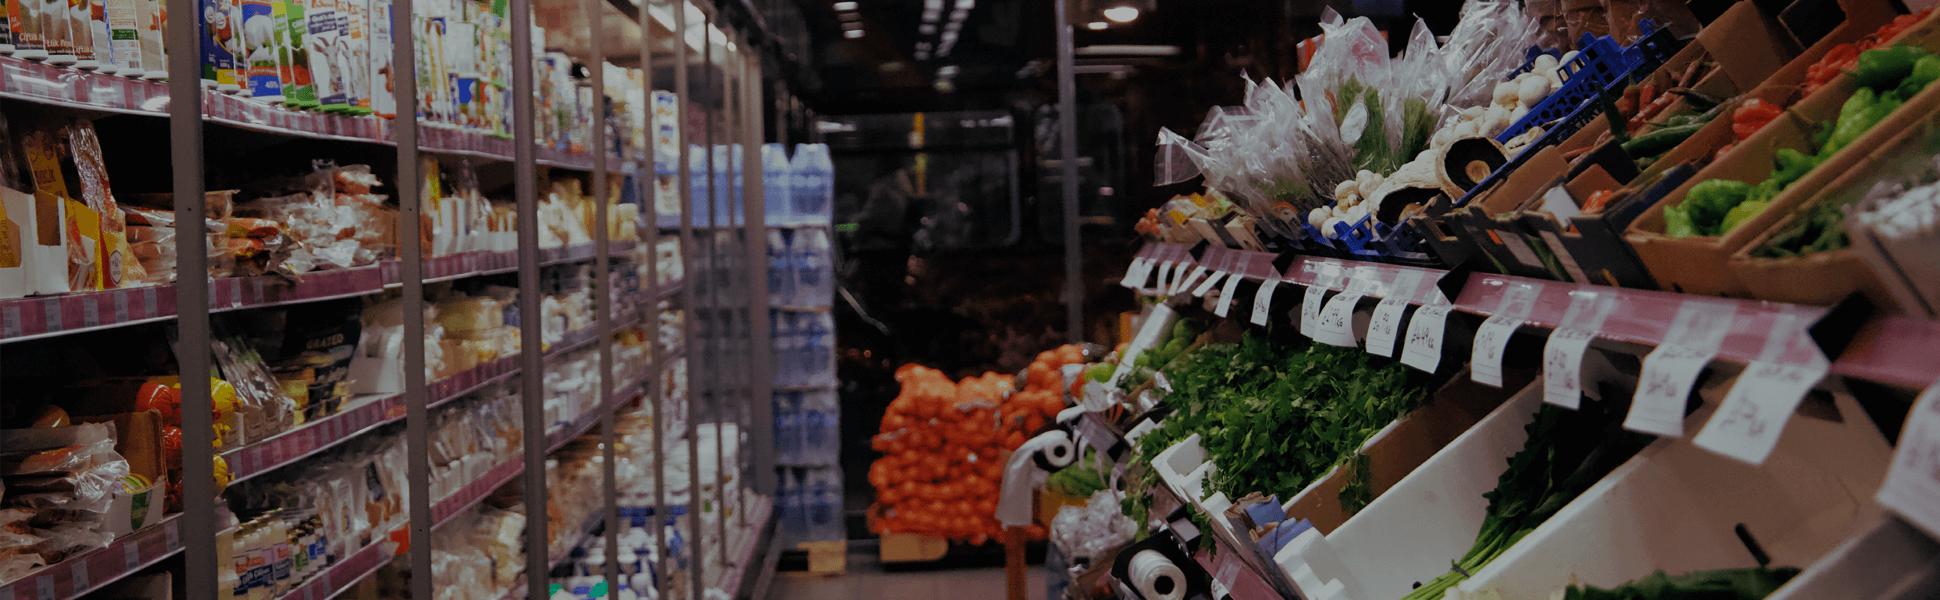 Ceny produktów spożywczych w Holandii – praktyczne wskazówki